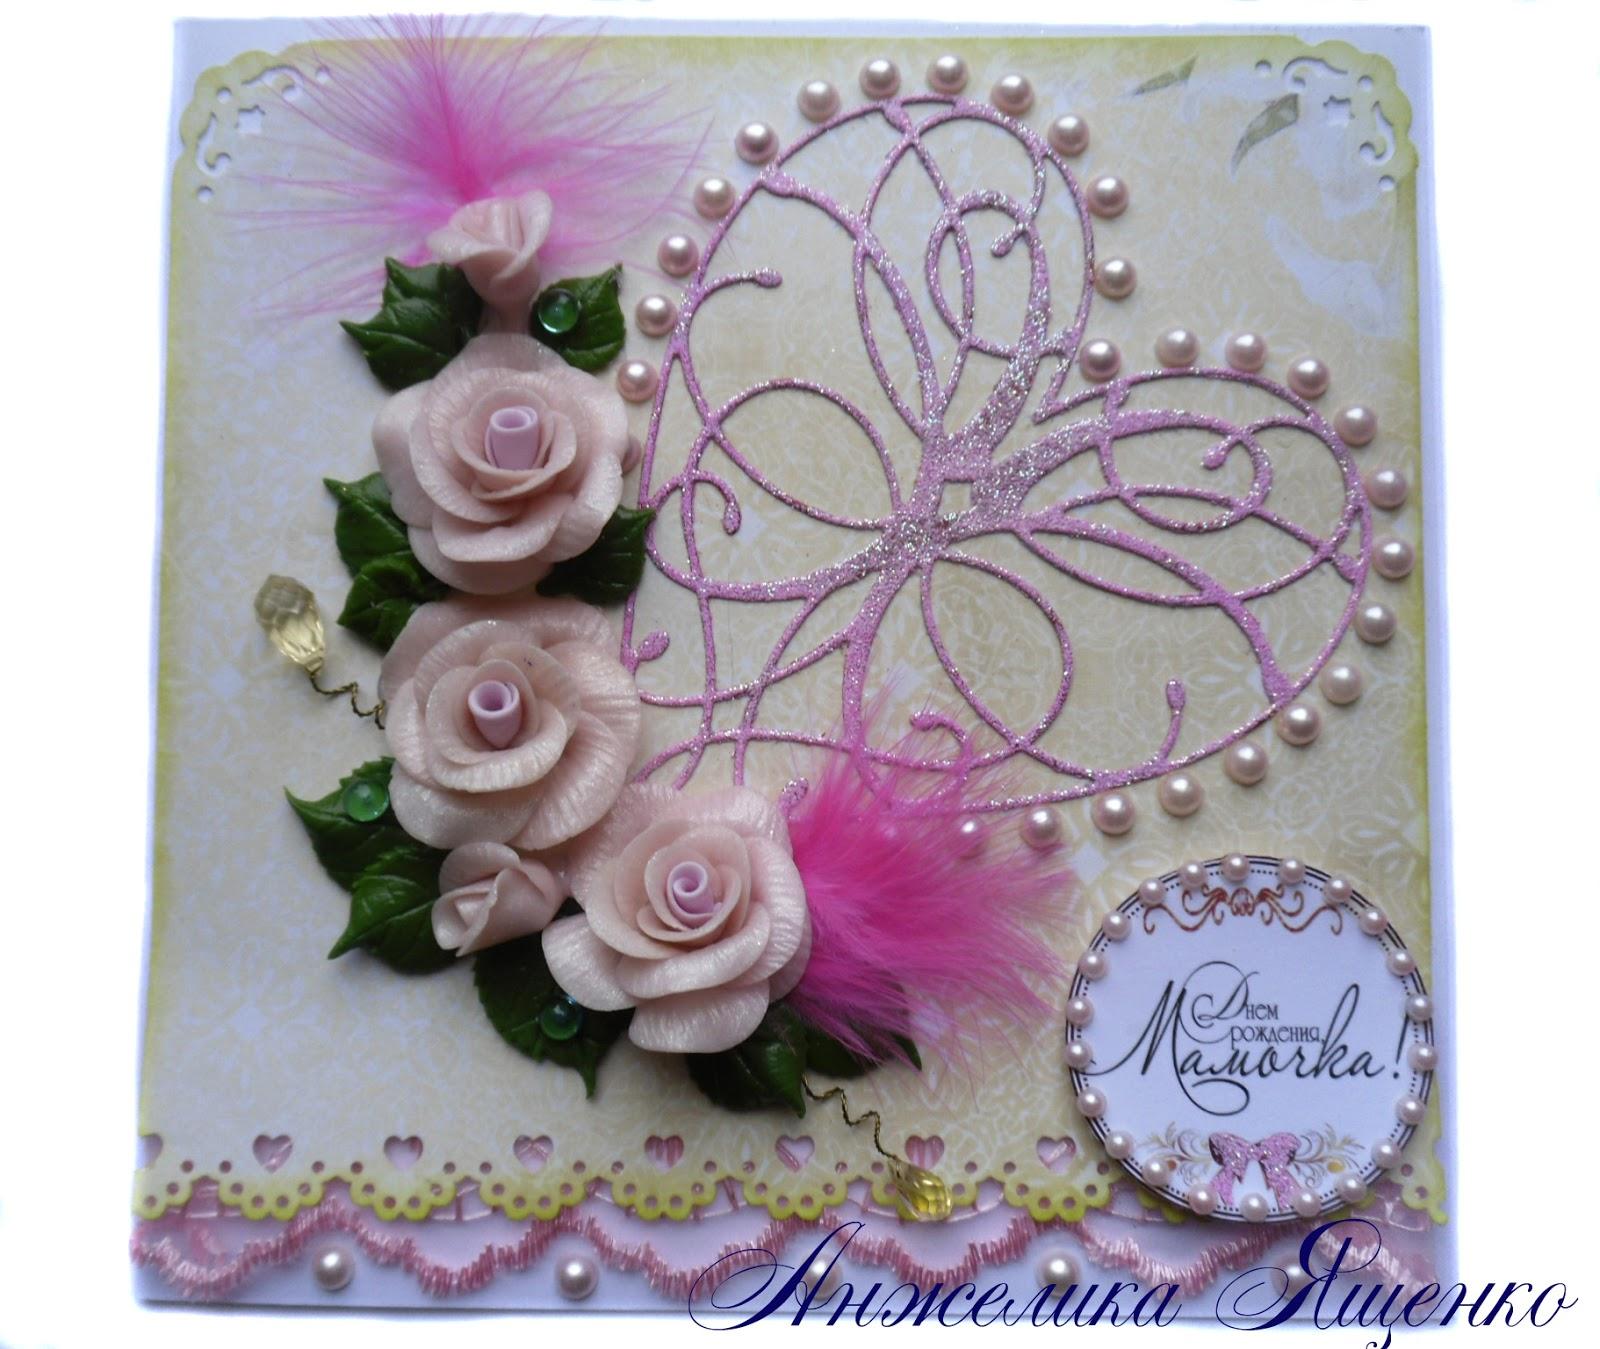 Красивые открытки с Днём рождения маме, скачать бесплатно, отправить